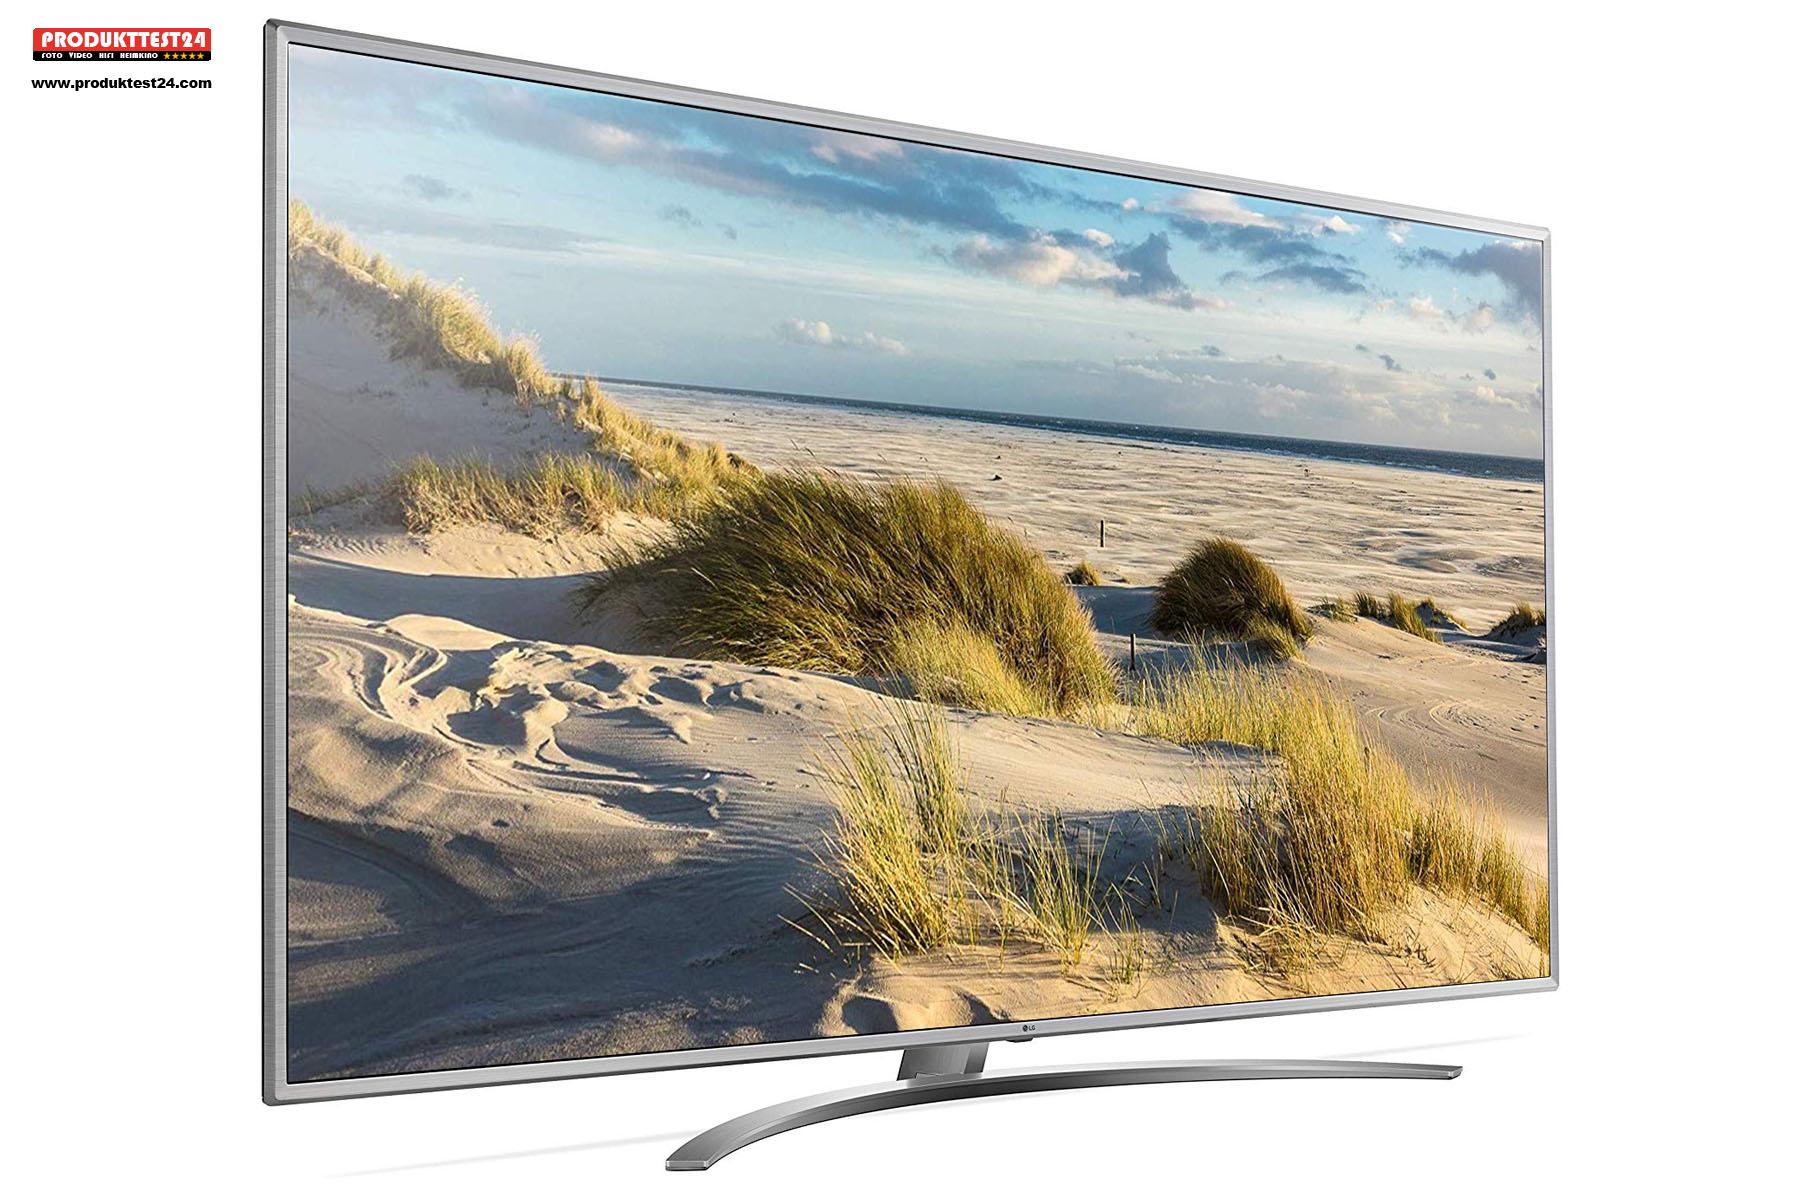 82 Zoll Bilddiagonale, 4K Ultra HD Auflösung, SmartTV mit Sprachsteuerung